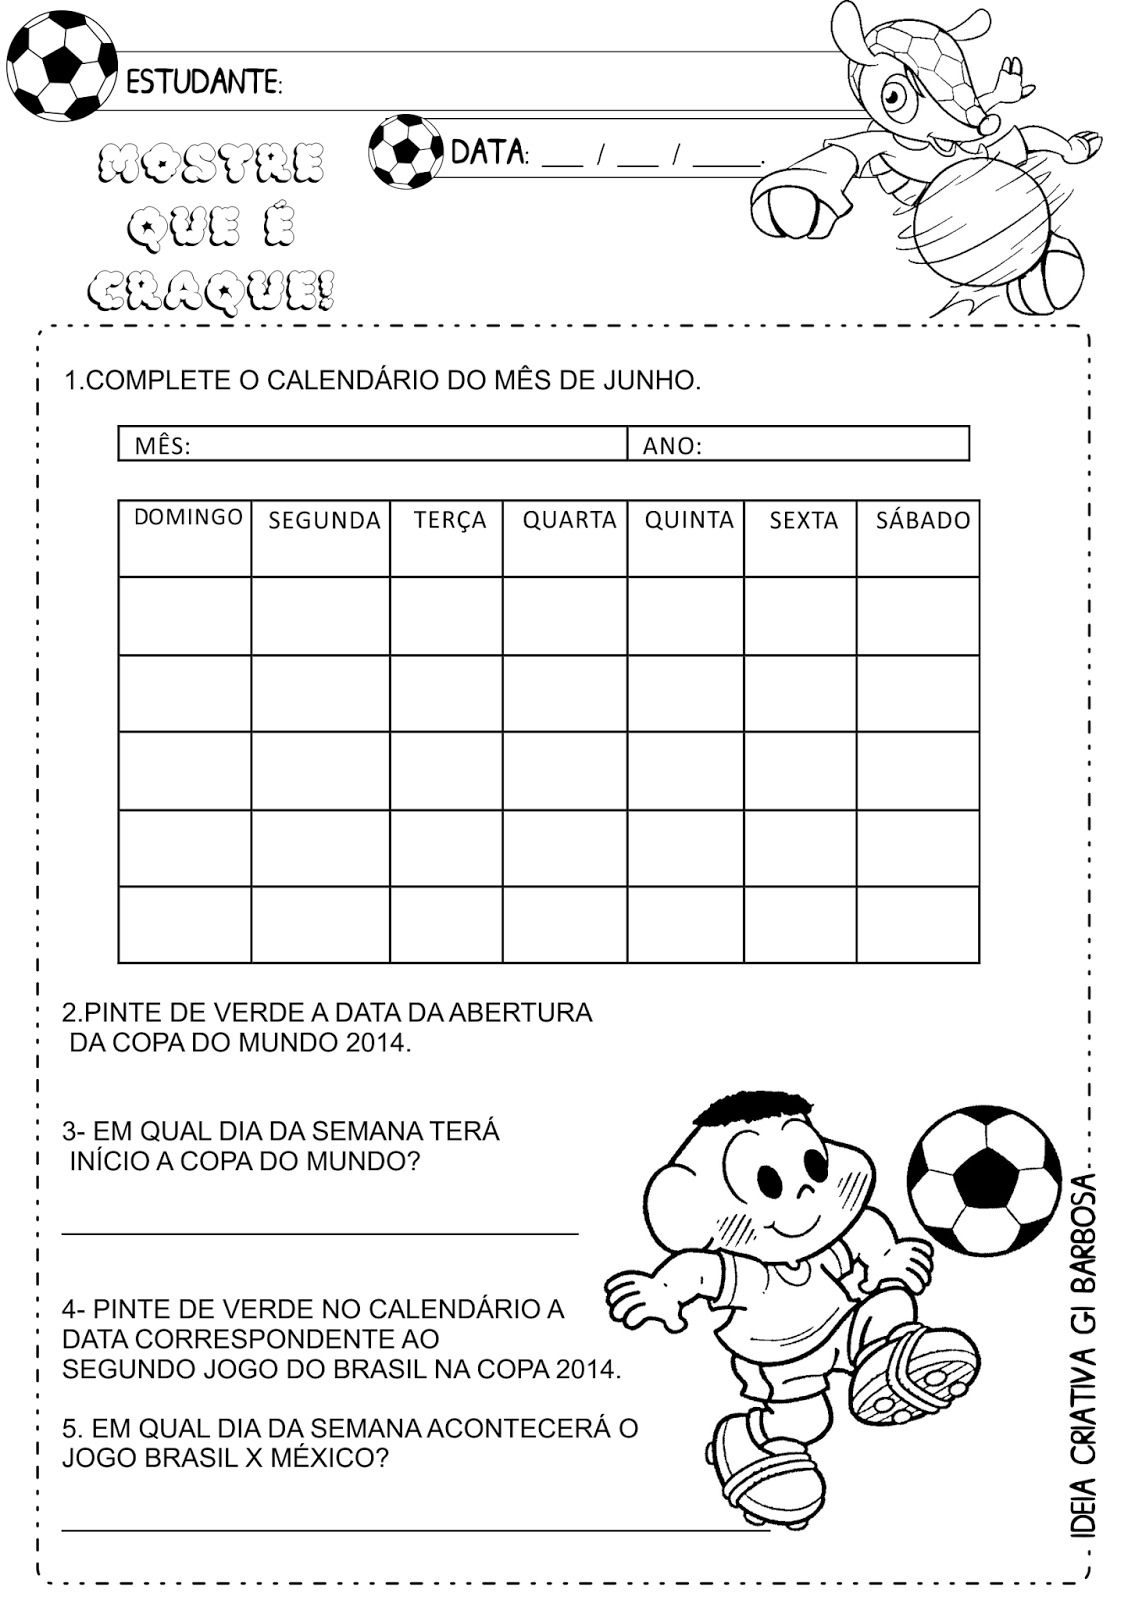 Atividade Calendário Copa do Mundo  2014